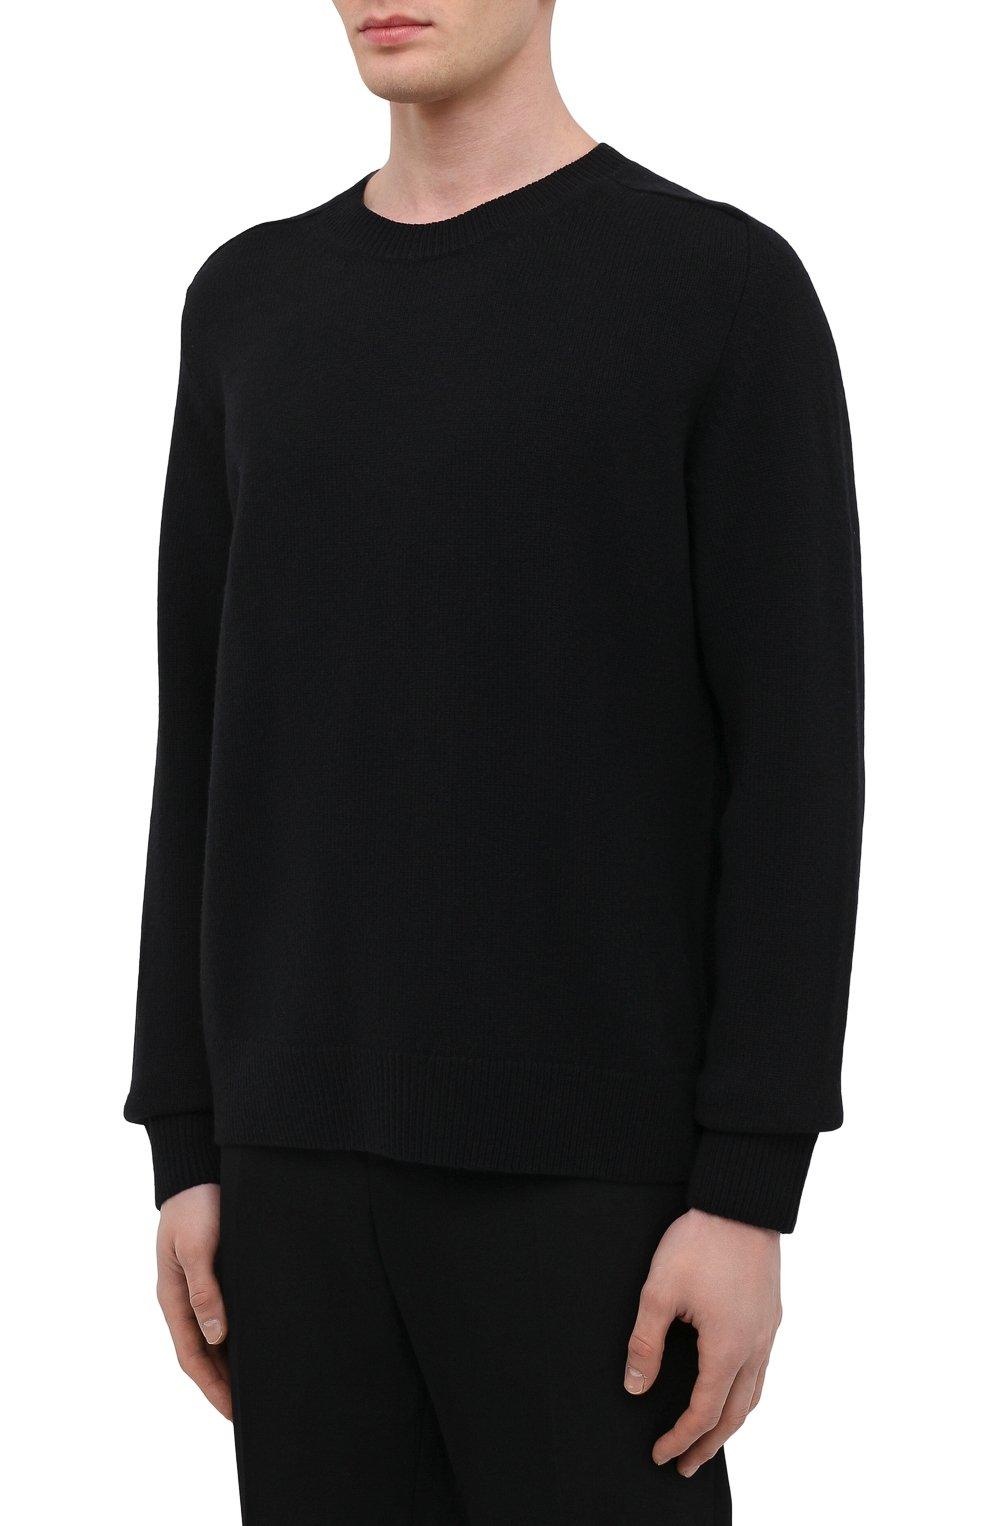 Мужской шерстяной свитер BOTTEGA VENETA темно-синего цвета, арт. 638771/V07J0 | Фото 3 (Материал внешний: Шерсть; Рукава: Длинные; Принт: Без принта; Длина (для топов): Стандартные; Стили: Минимализм)